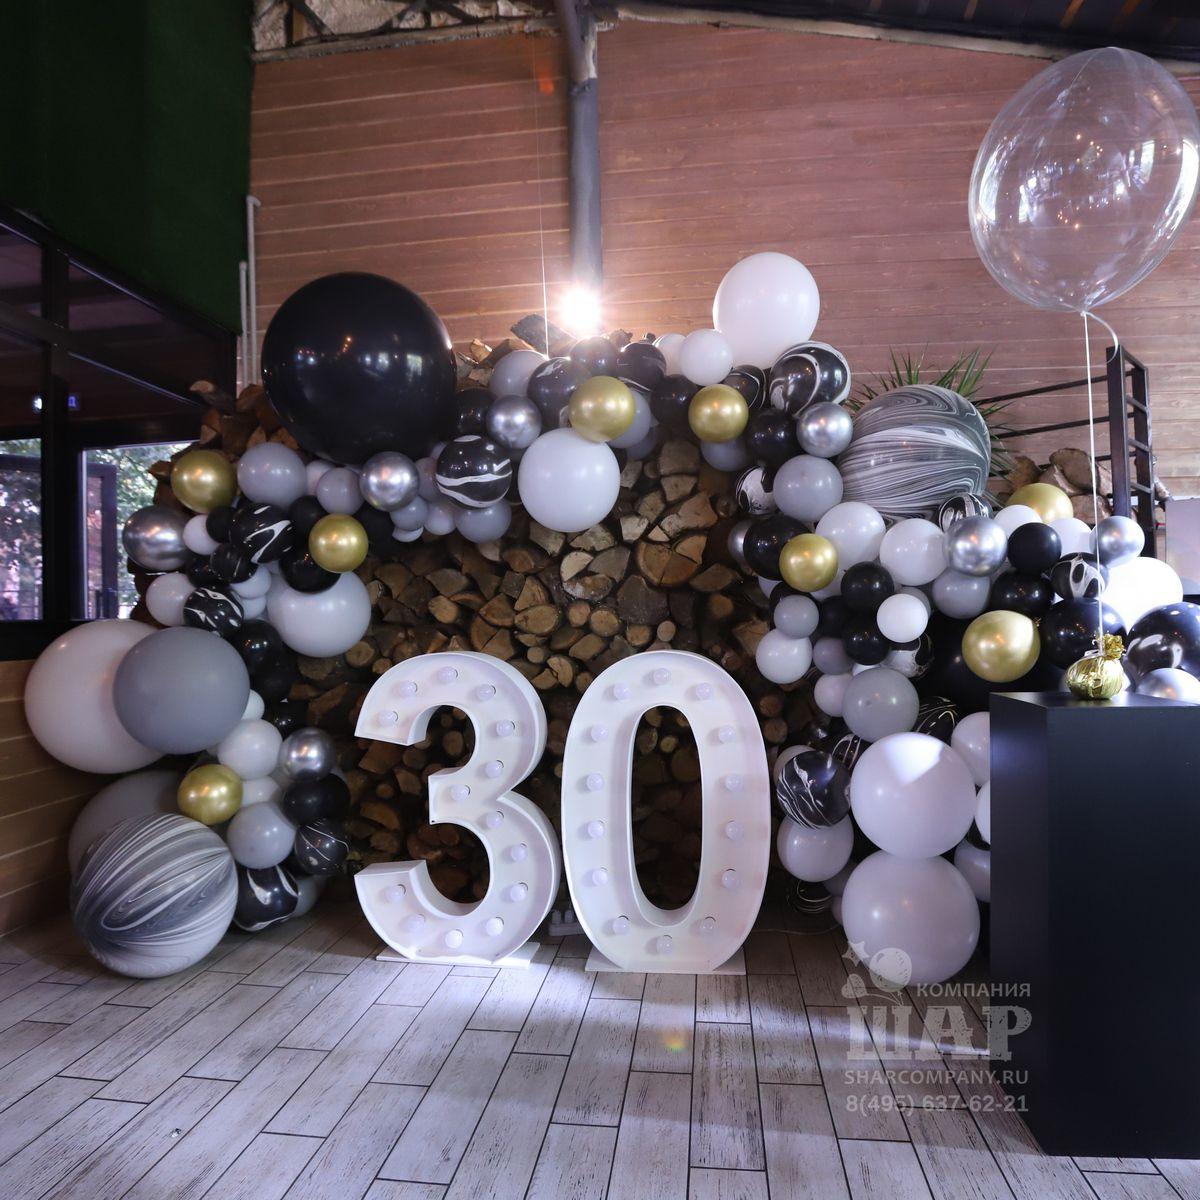 Фотозона с воздушными шарами и цифрами